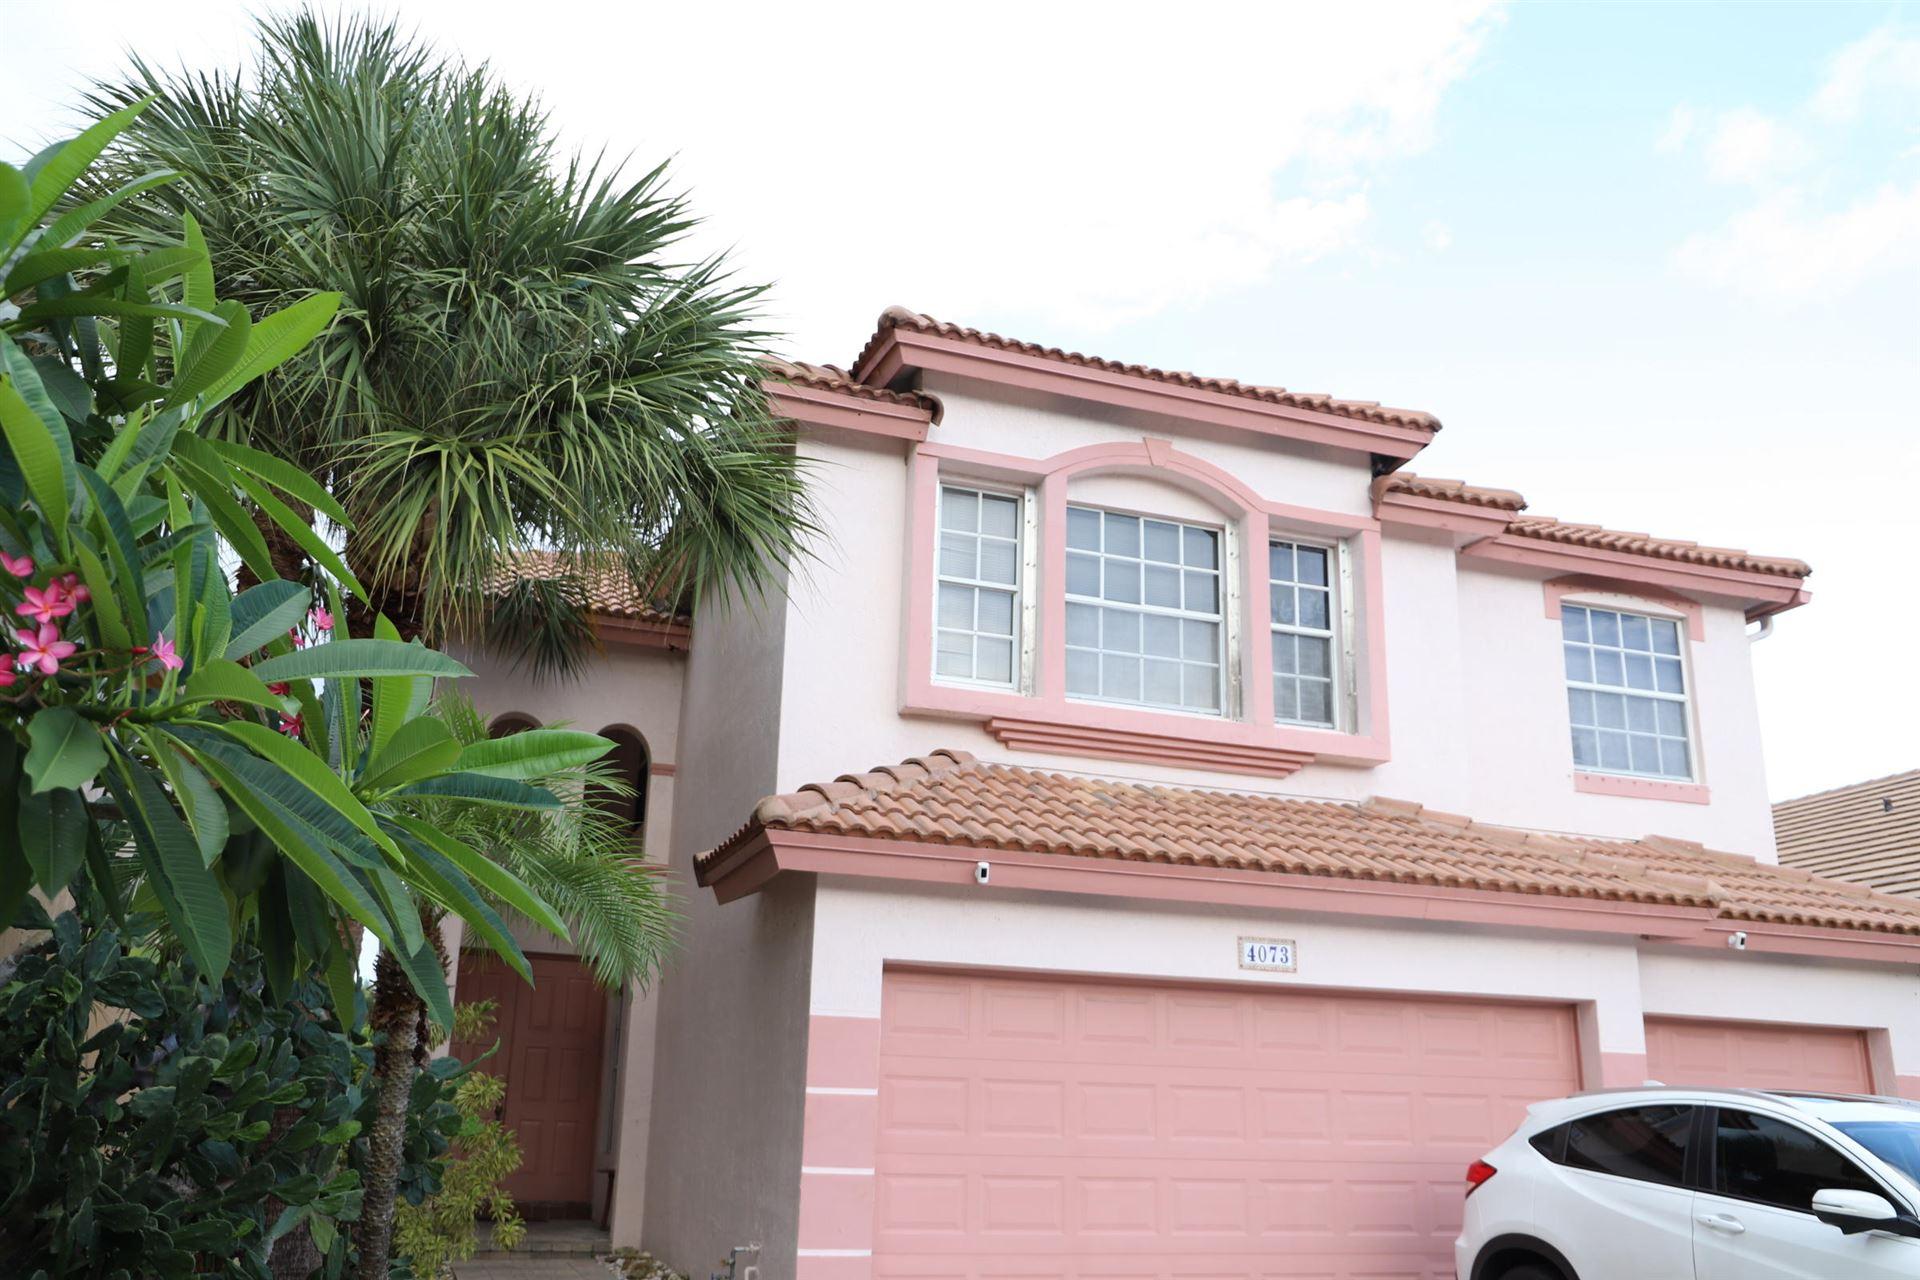 4073 Plumbago Place, Lake Worth, FL 33462 - MLS#: RX-10738496